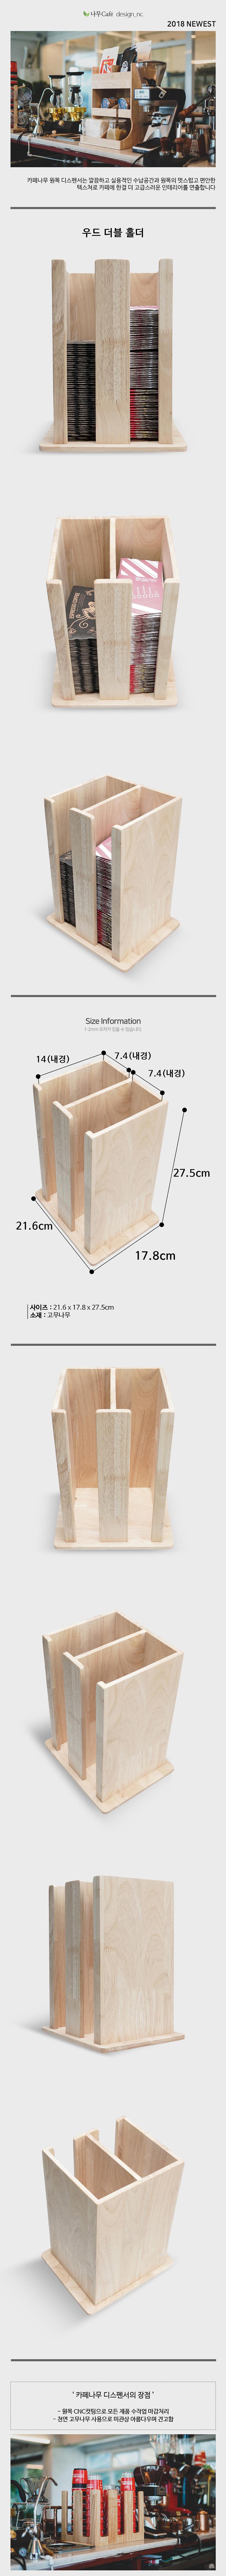 원목 홀더(더블) - 디자인엔씨, 37,050원, 주방수납용품, 수납함